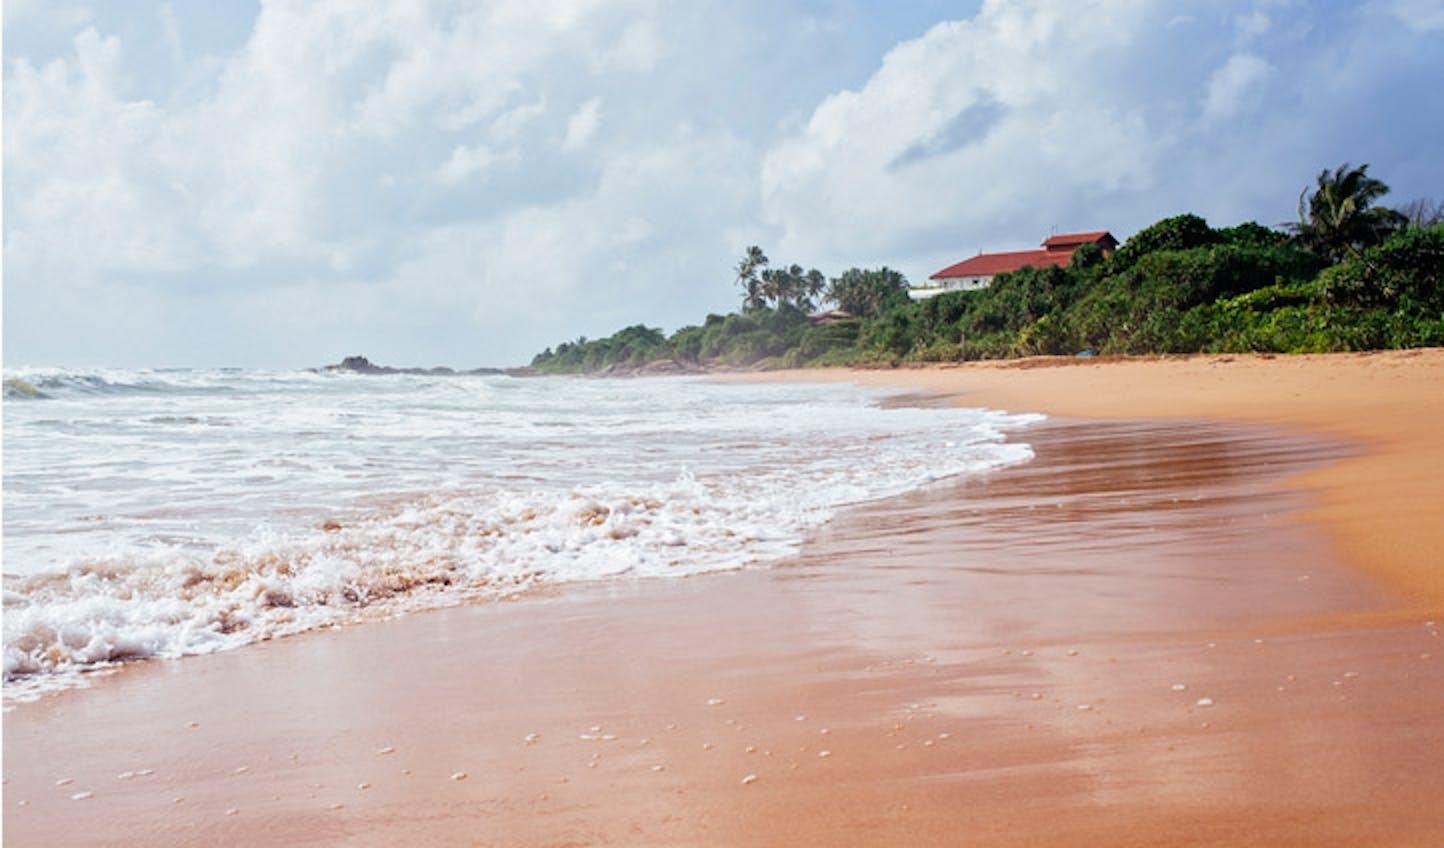 The golden sands of Sri Lanka